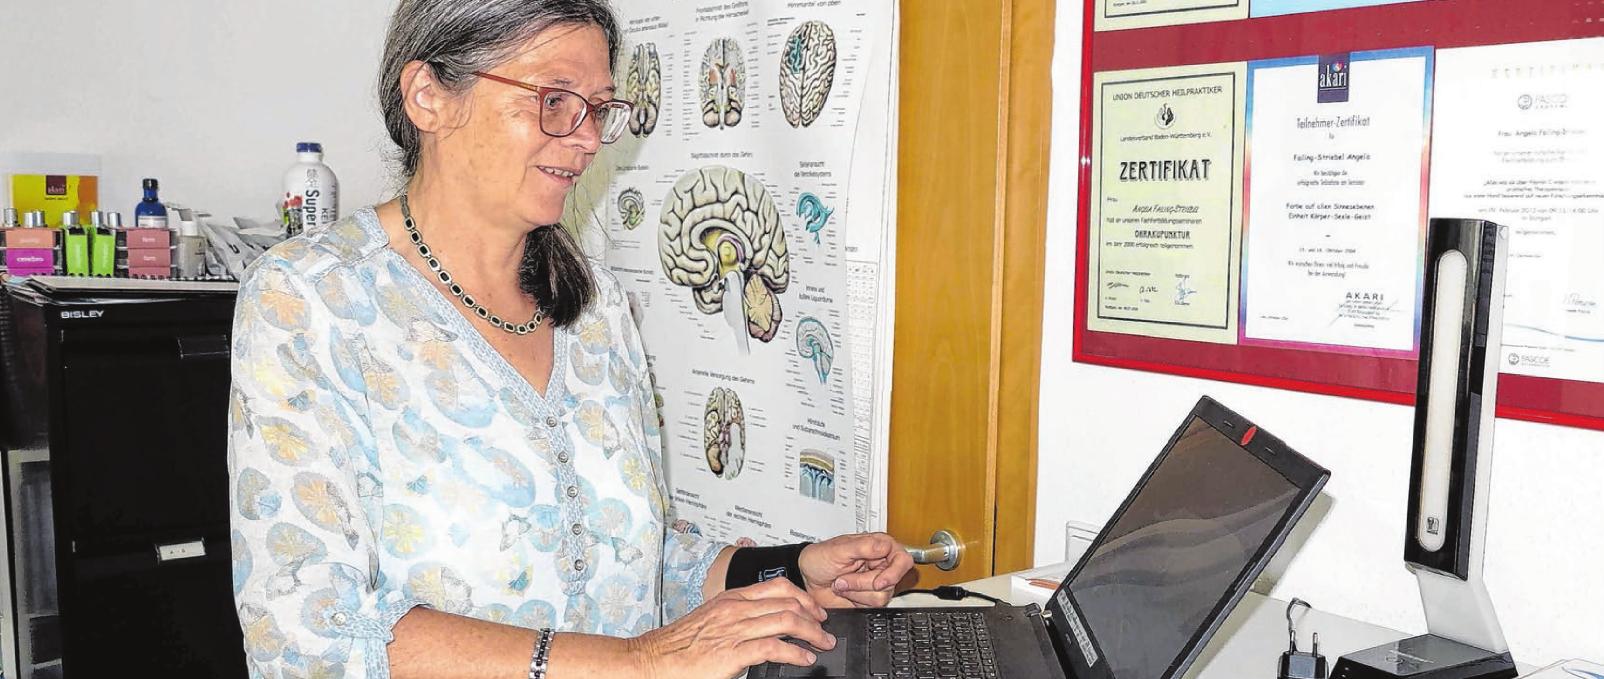 Angela Failing-Striebel gibt Kurse zu homöopathischen Themen bei Vhs und Landfrauen. Foto: M. Autenrieth-Kronenthaler.